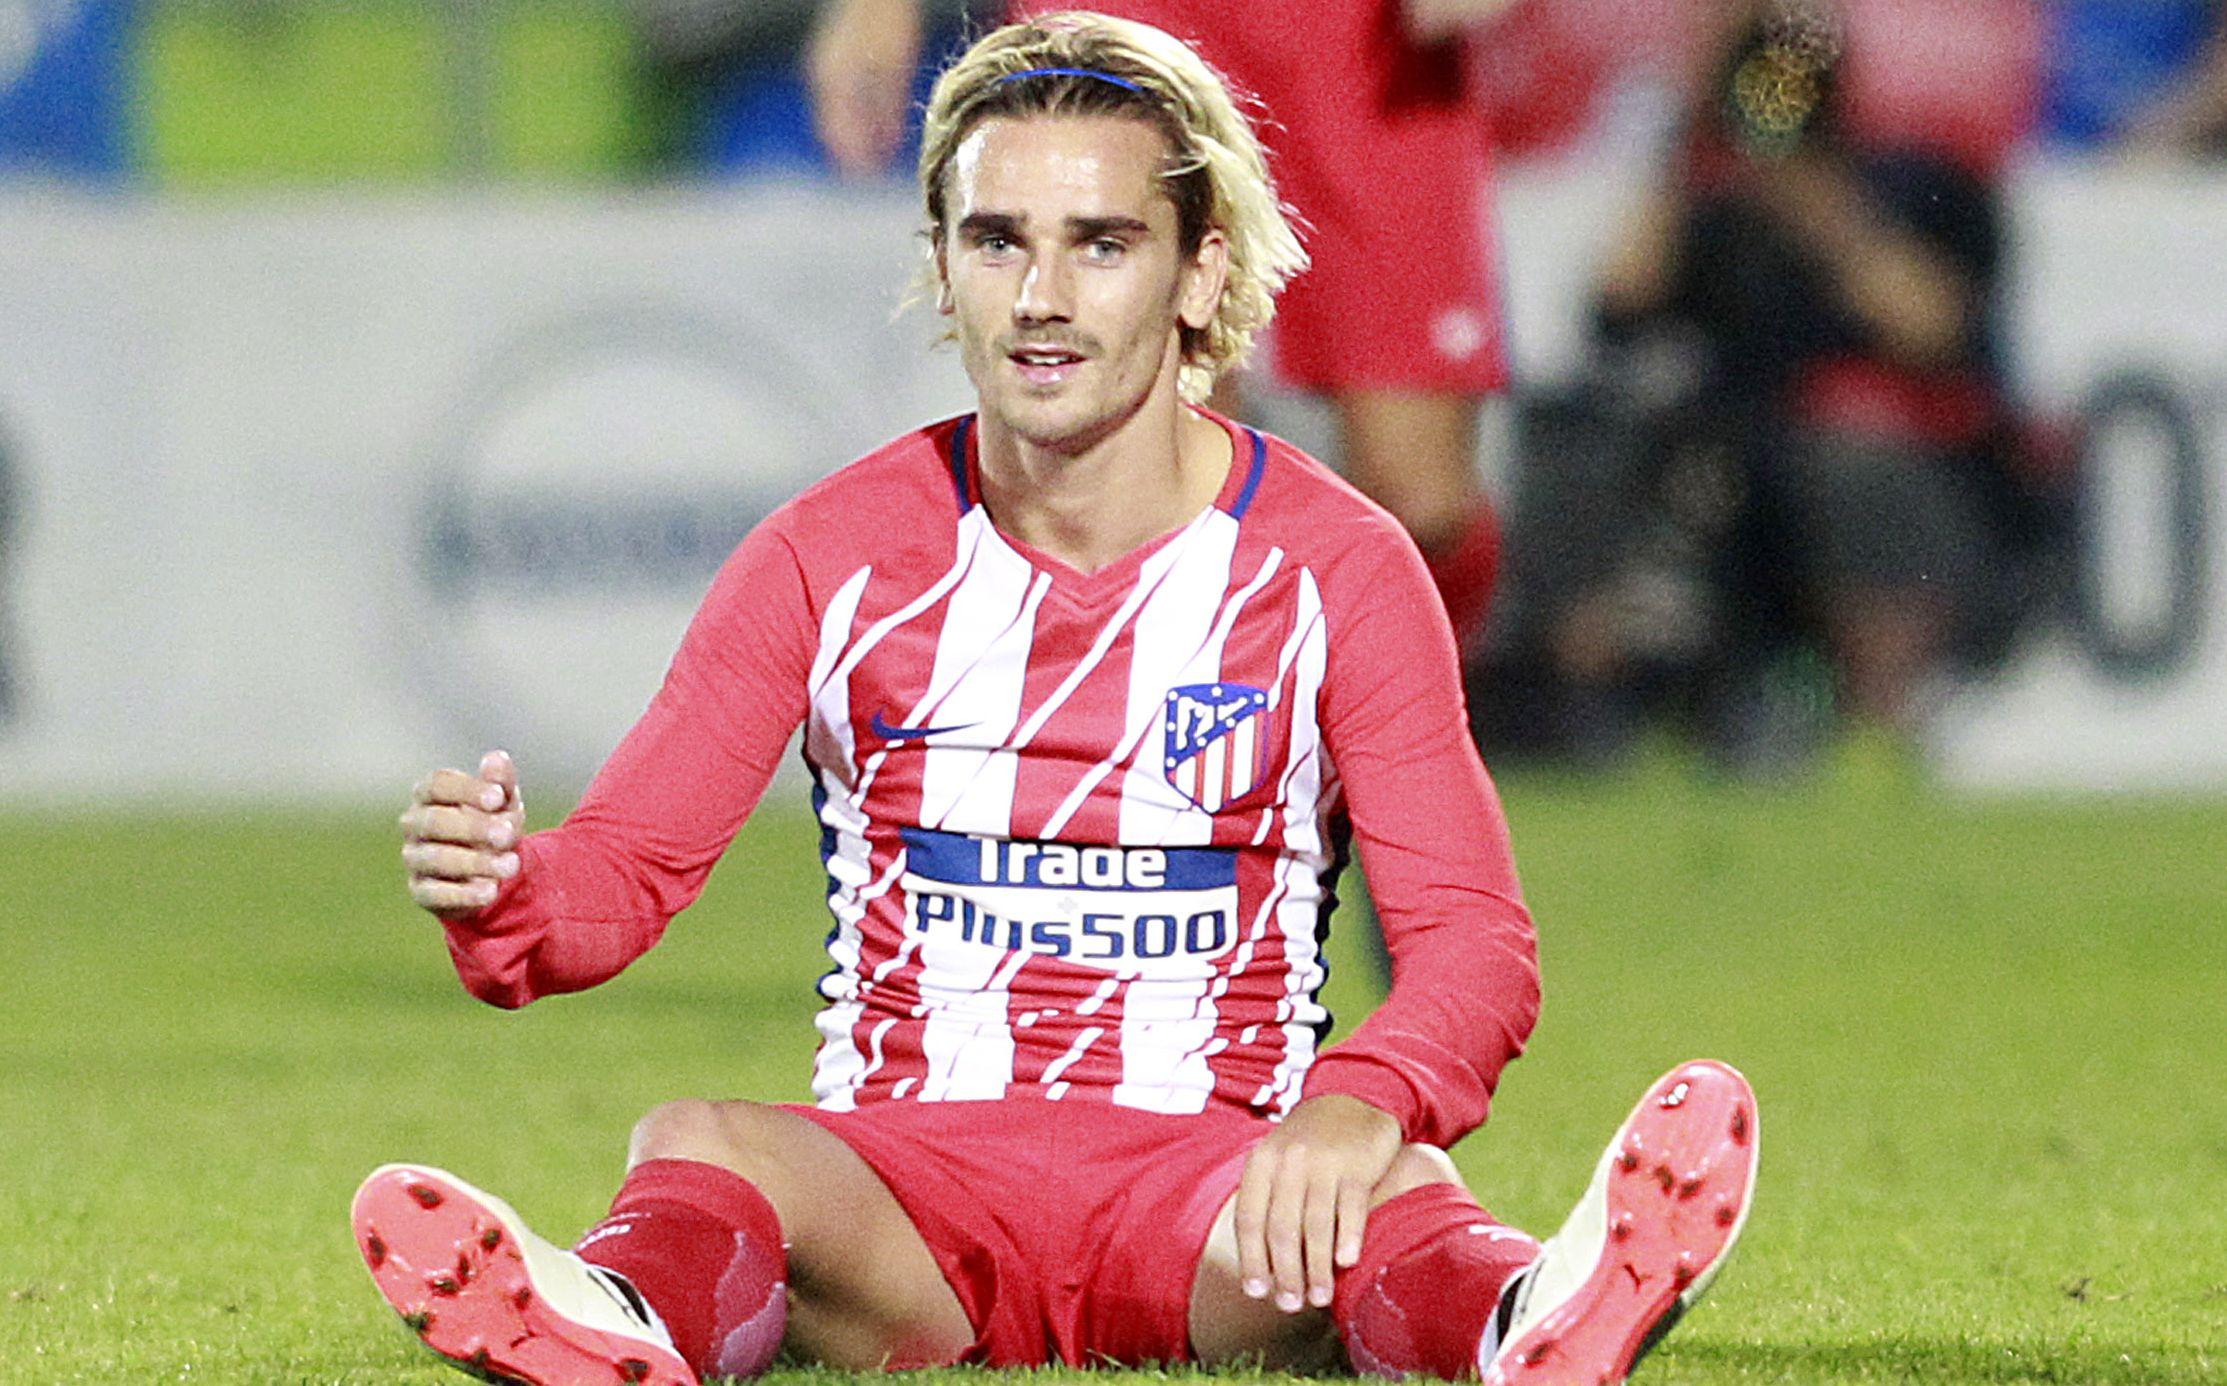 Football - Etranger - Griezmann suspendu 2 matches pour avoir insulté l'arbitre